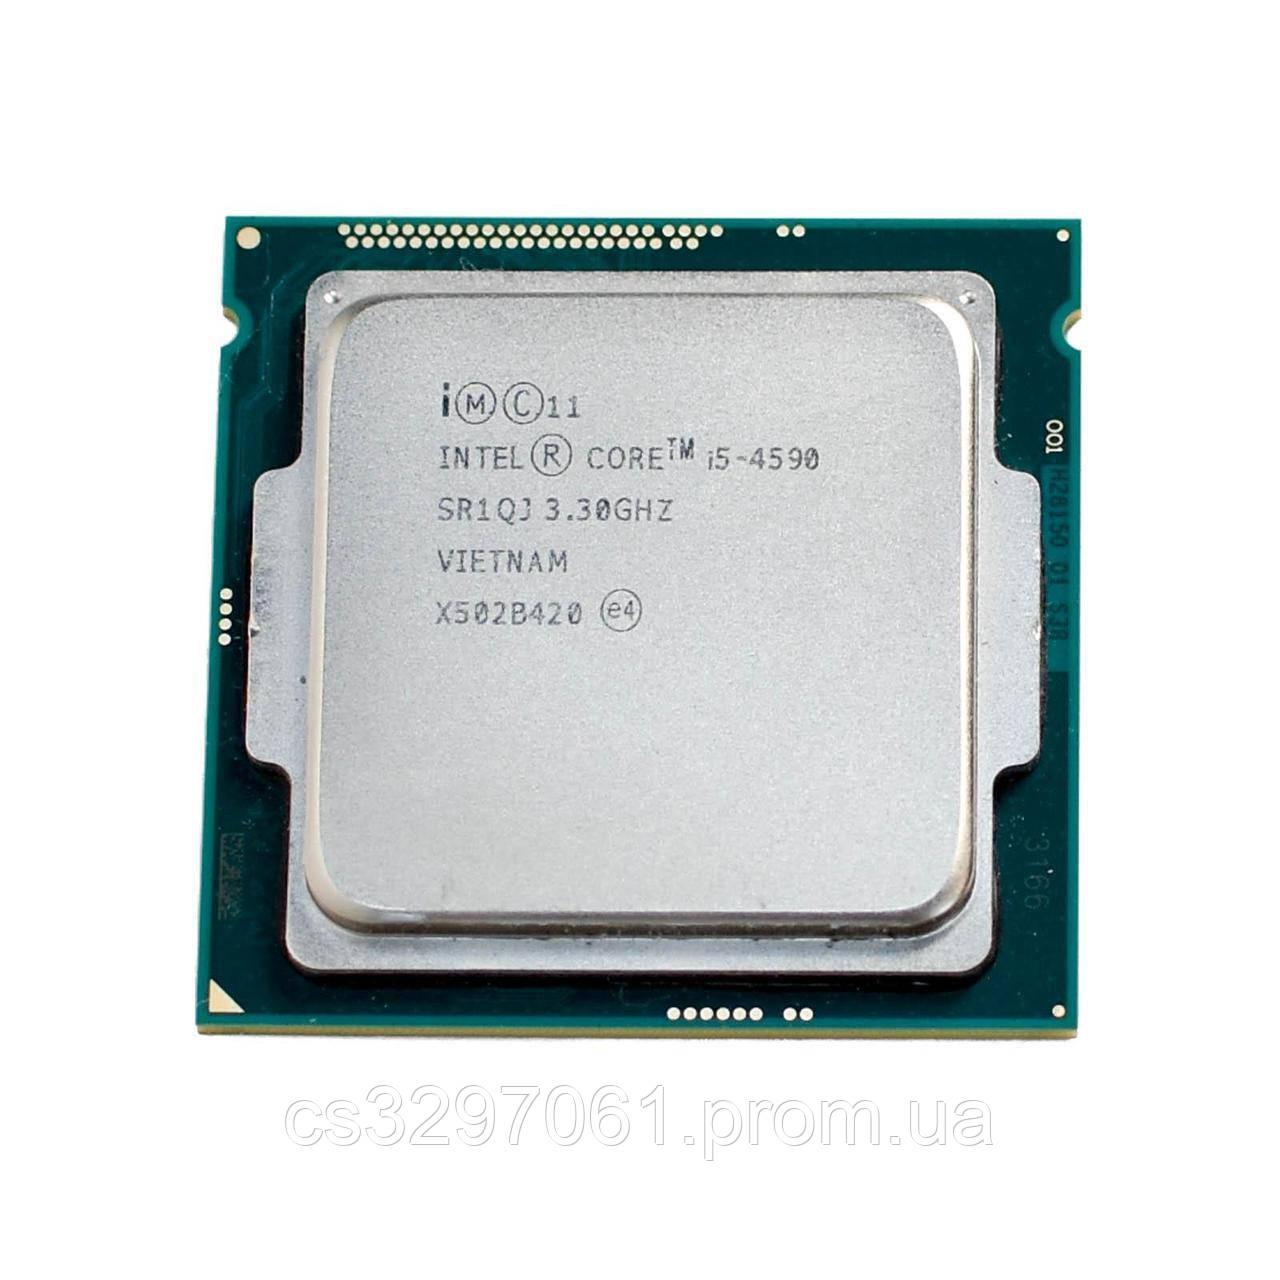 Процессор Intel Core i5-4590 Socket 1150